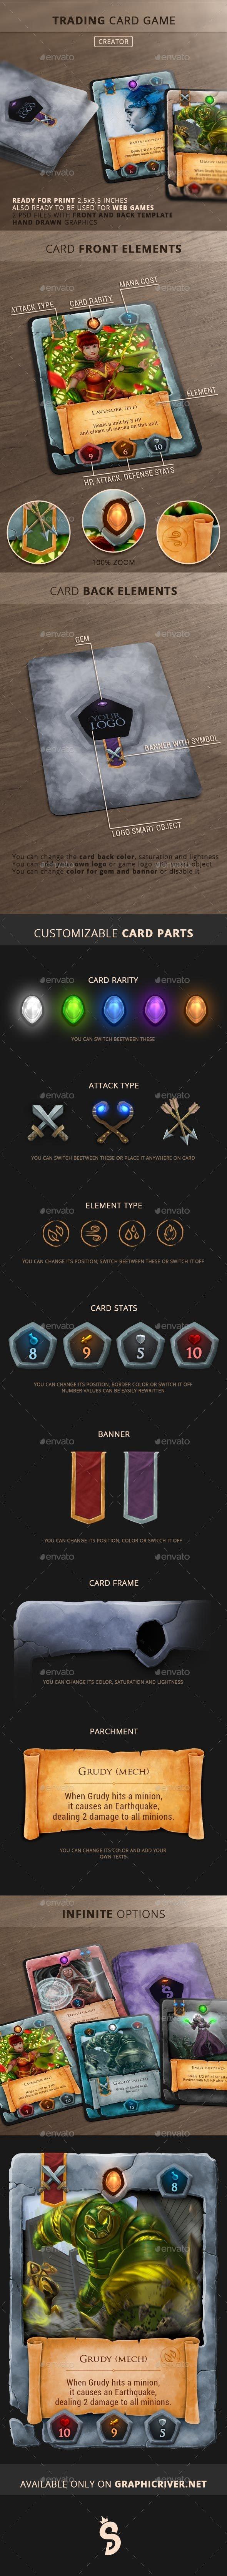 Trading Card Game - Creator